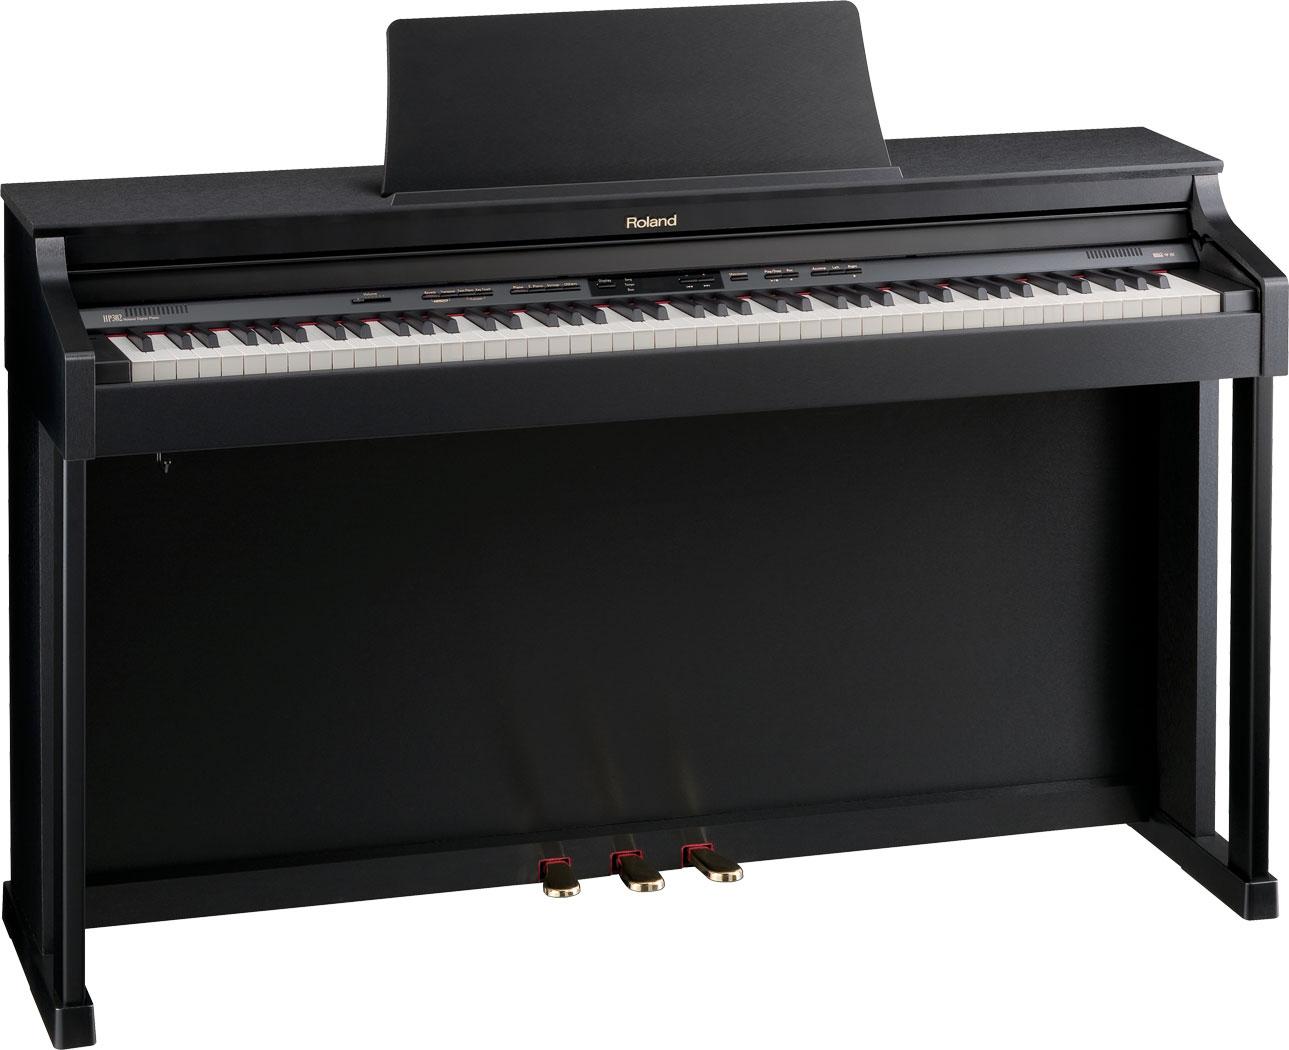 Đàn piano điện Roland HP-302 chính hãng, Giá Tốt